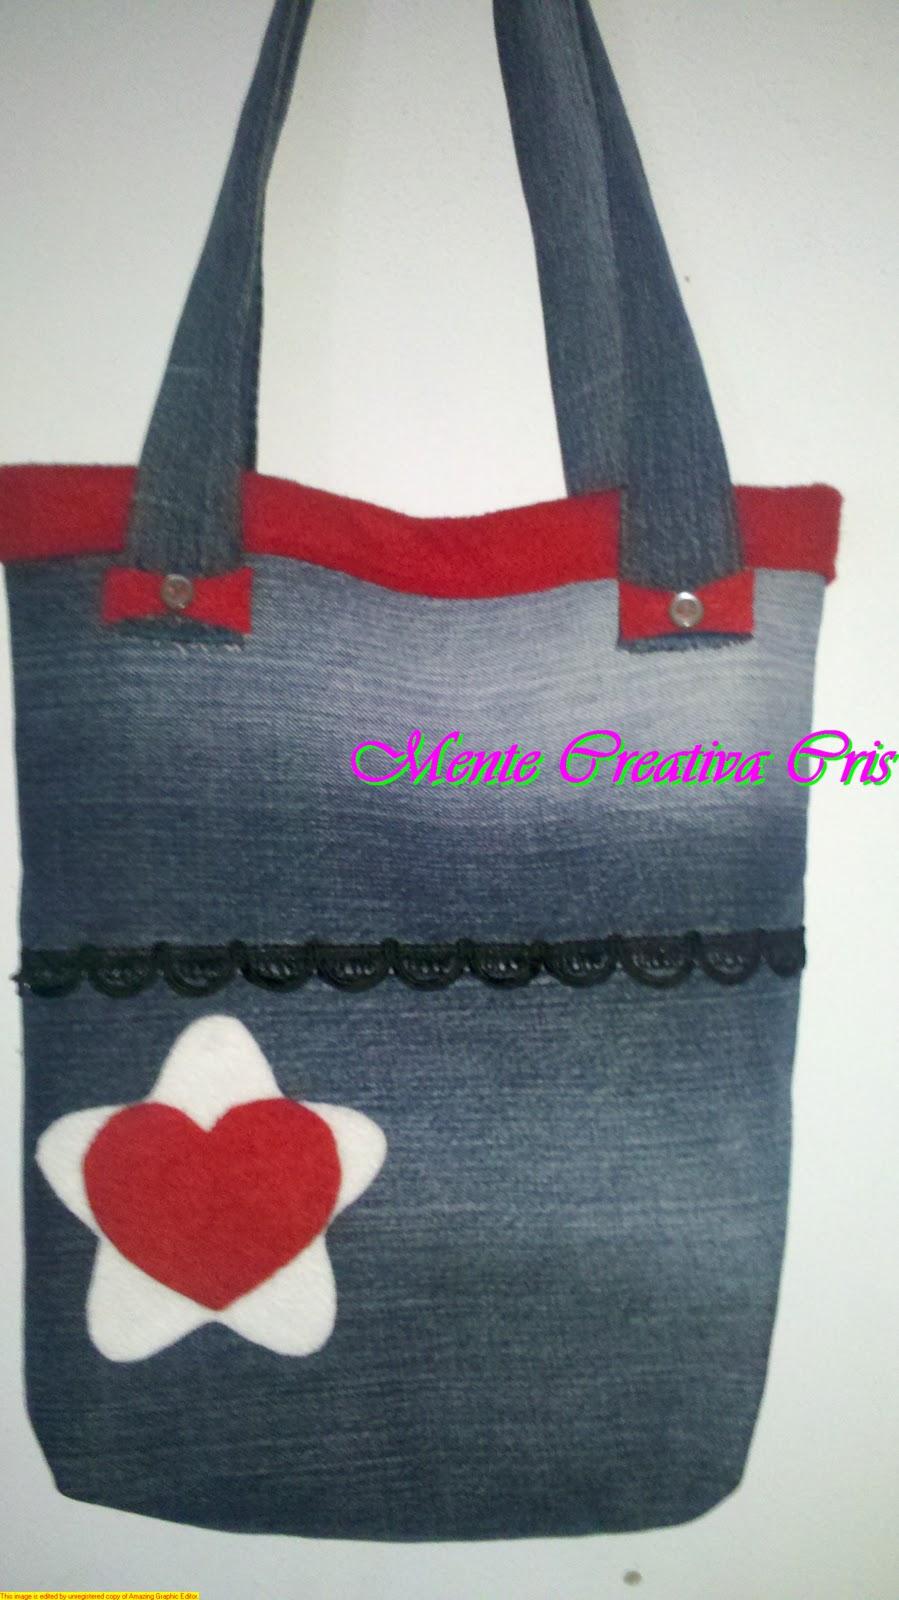 de mente creativa cris bolsos reciclados de jean